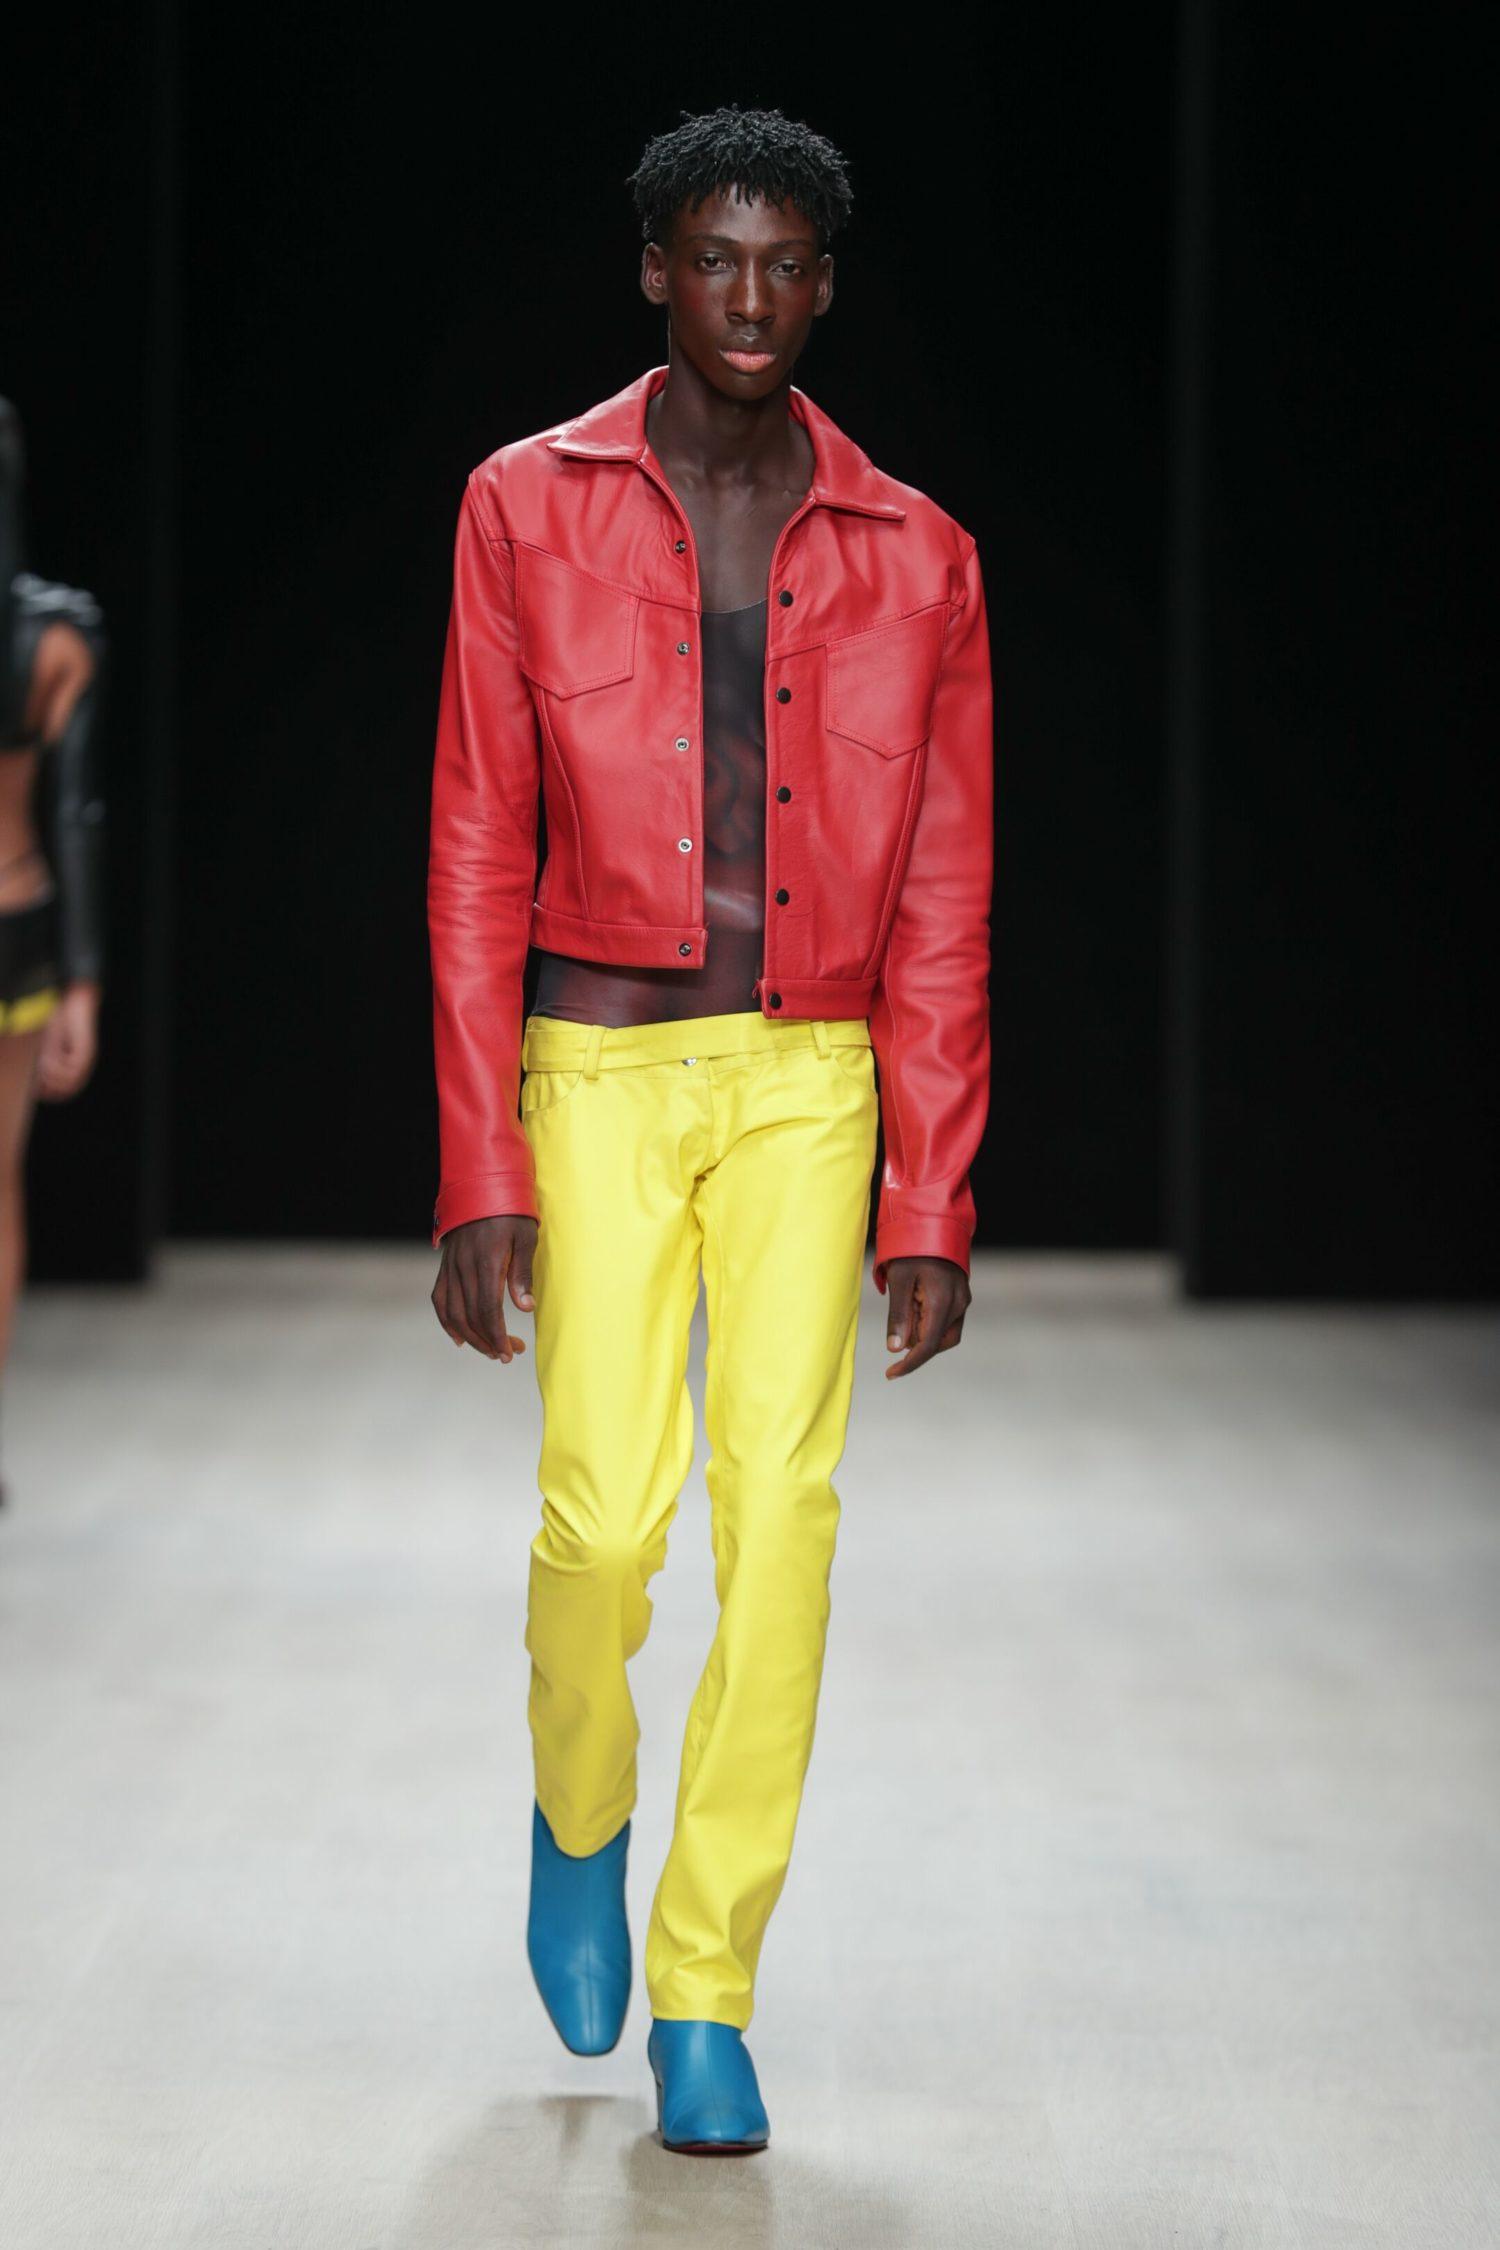 ARISE Fashion Week 2019 | Mowalola